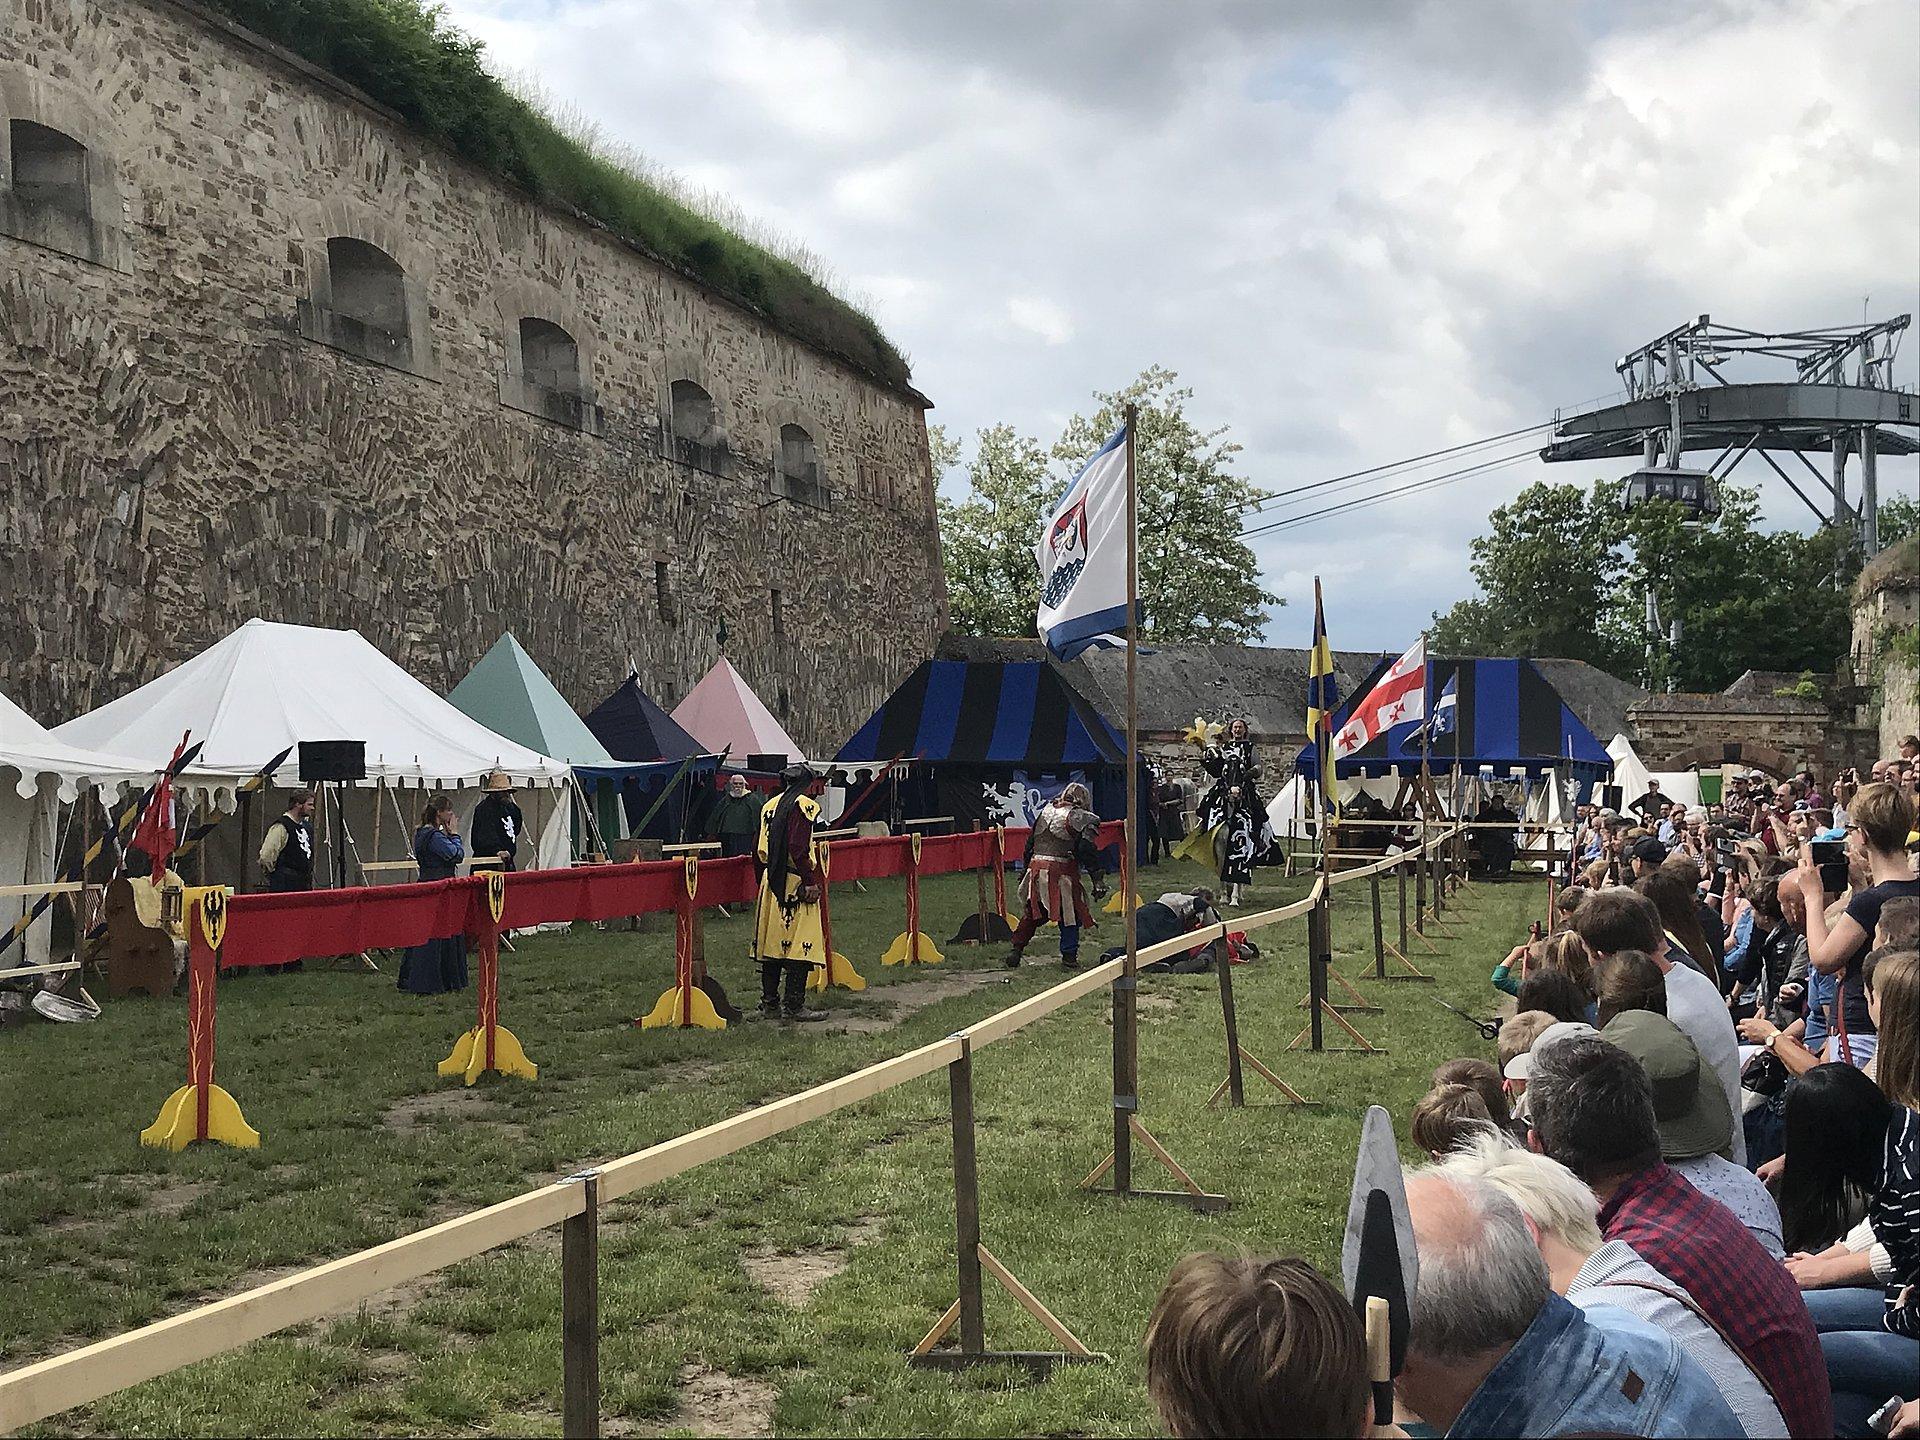 Ritterspiele bei den Historienspielen auf der Festung Ehrenbreitstein Koblenz, Romantischer Rhein